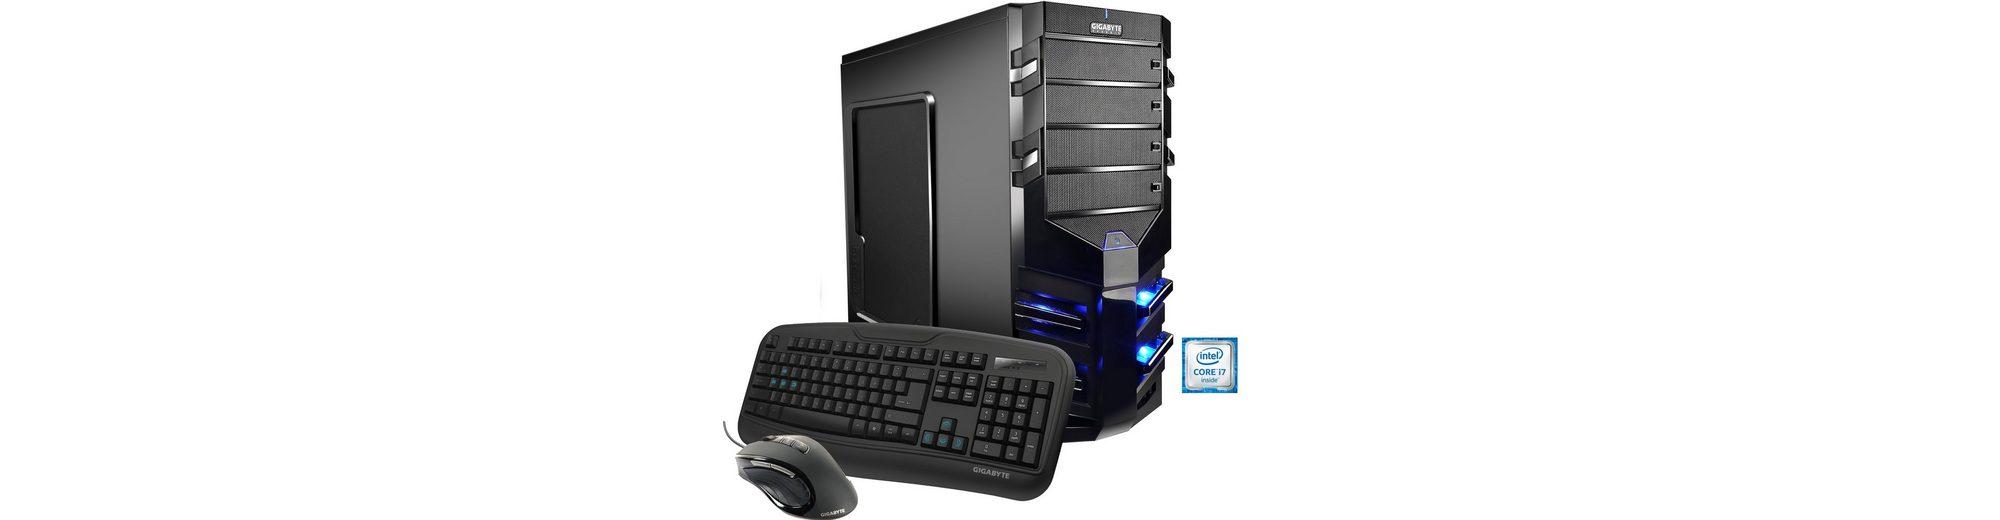 Hyrican Gaming PC Intel® i7-6700, GeForce® GTX 980 4GB »Alpha Gaming 5018«